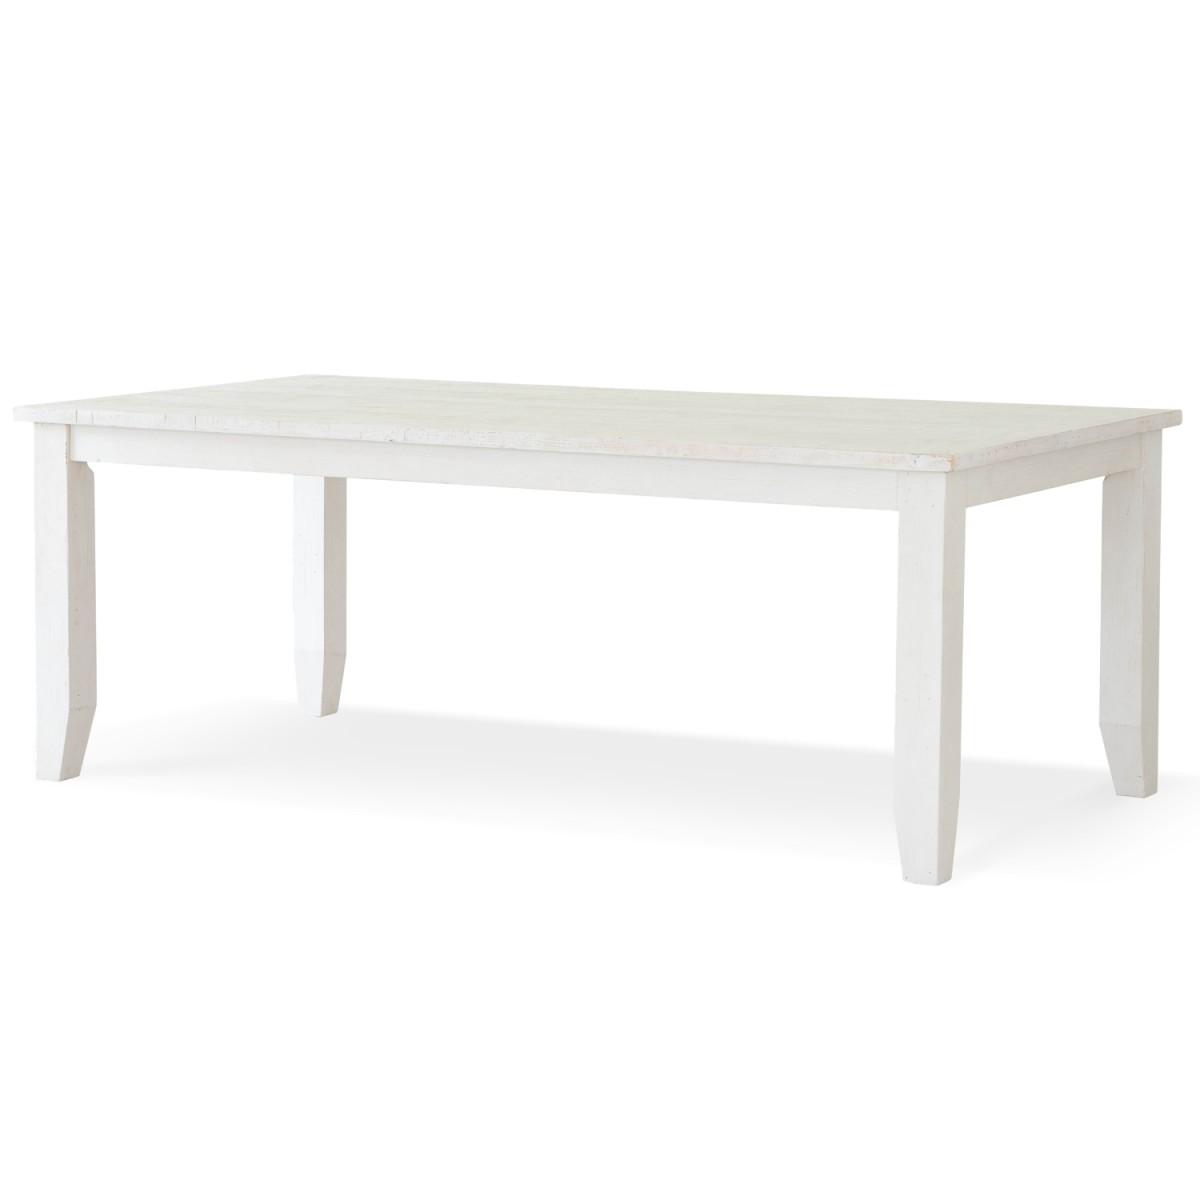 Table à manger Bois Blanc 210x105x78cm